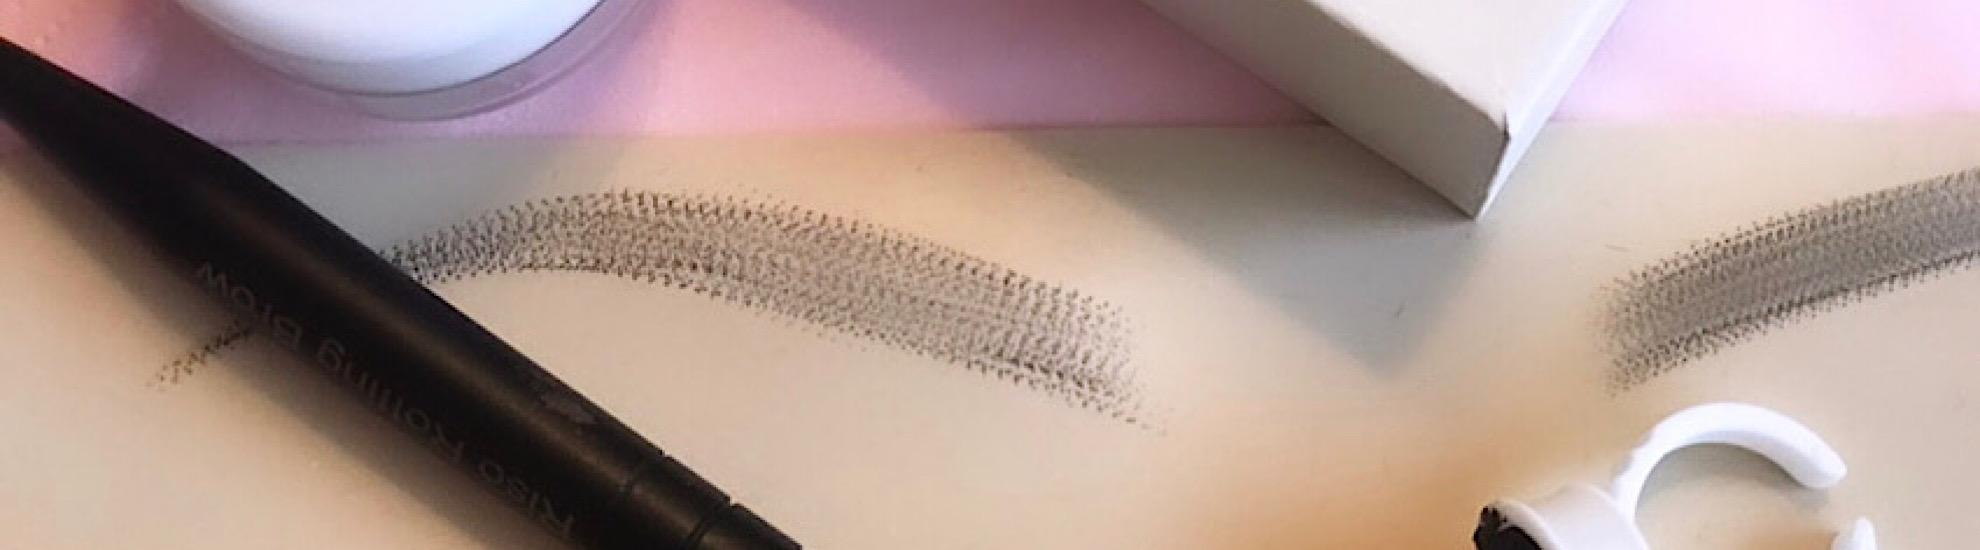 Rolling Brows Schulung Methode für natürliche Augenbrauen